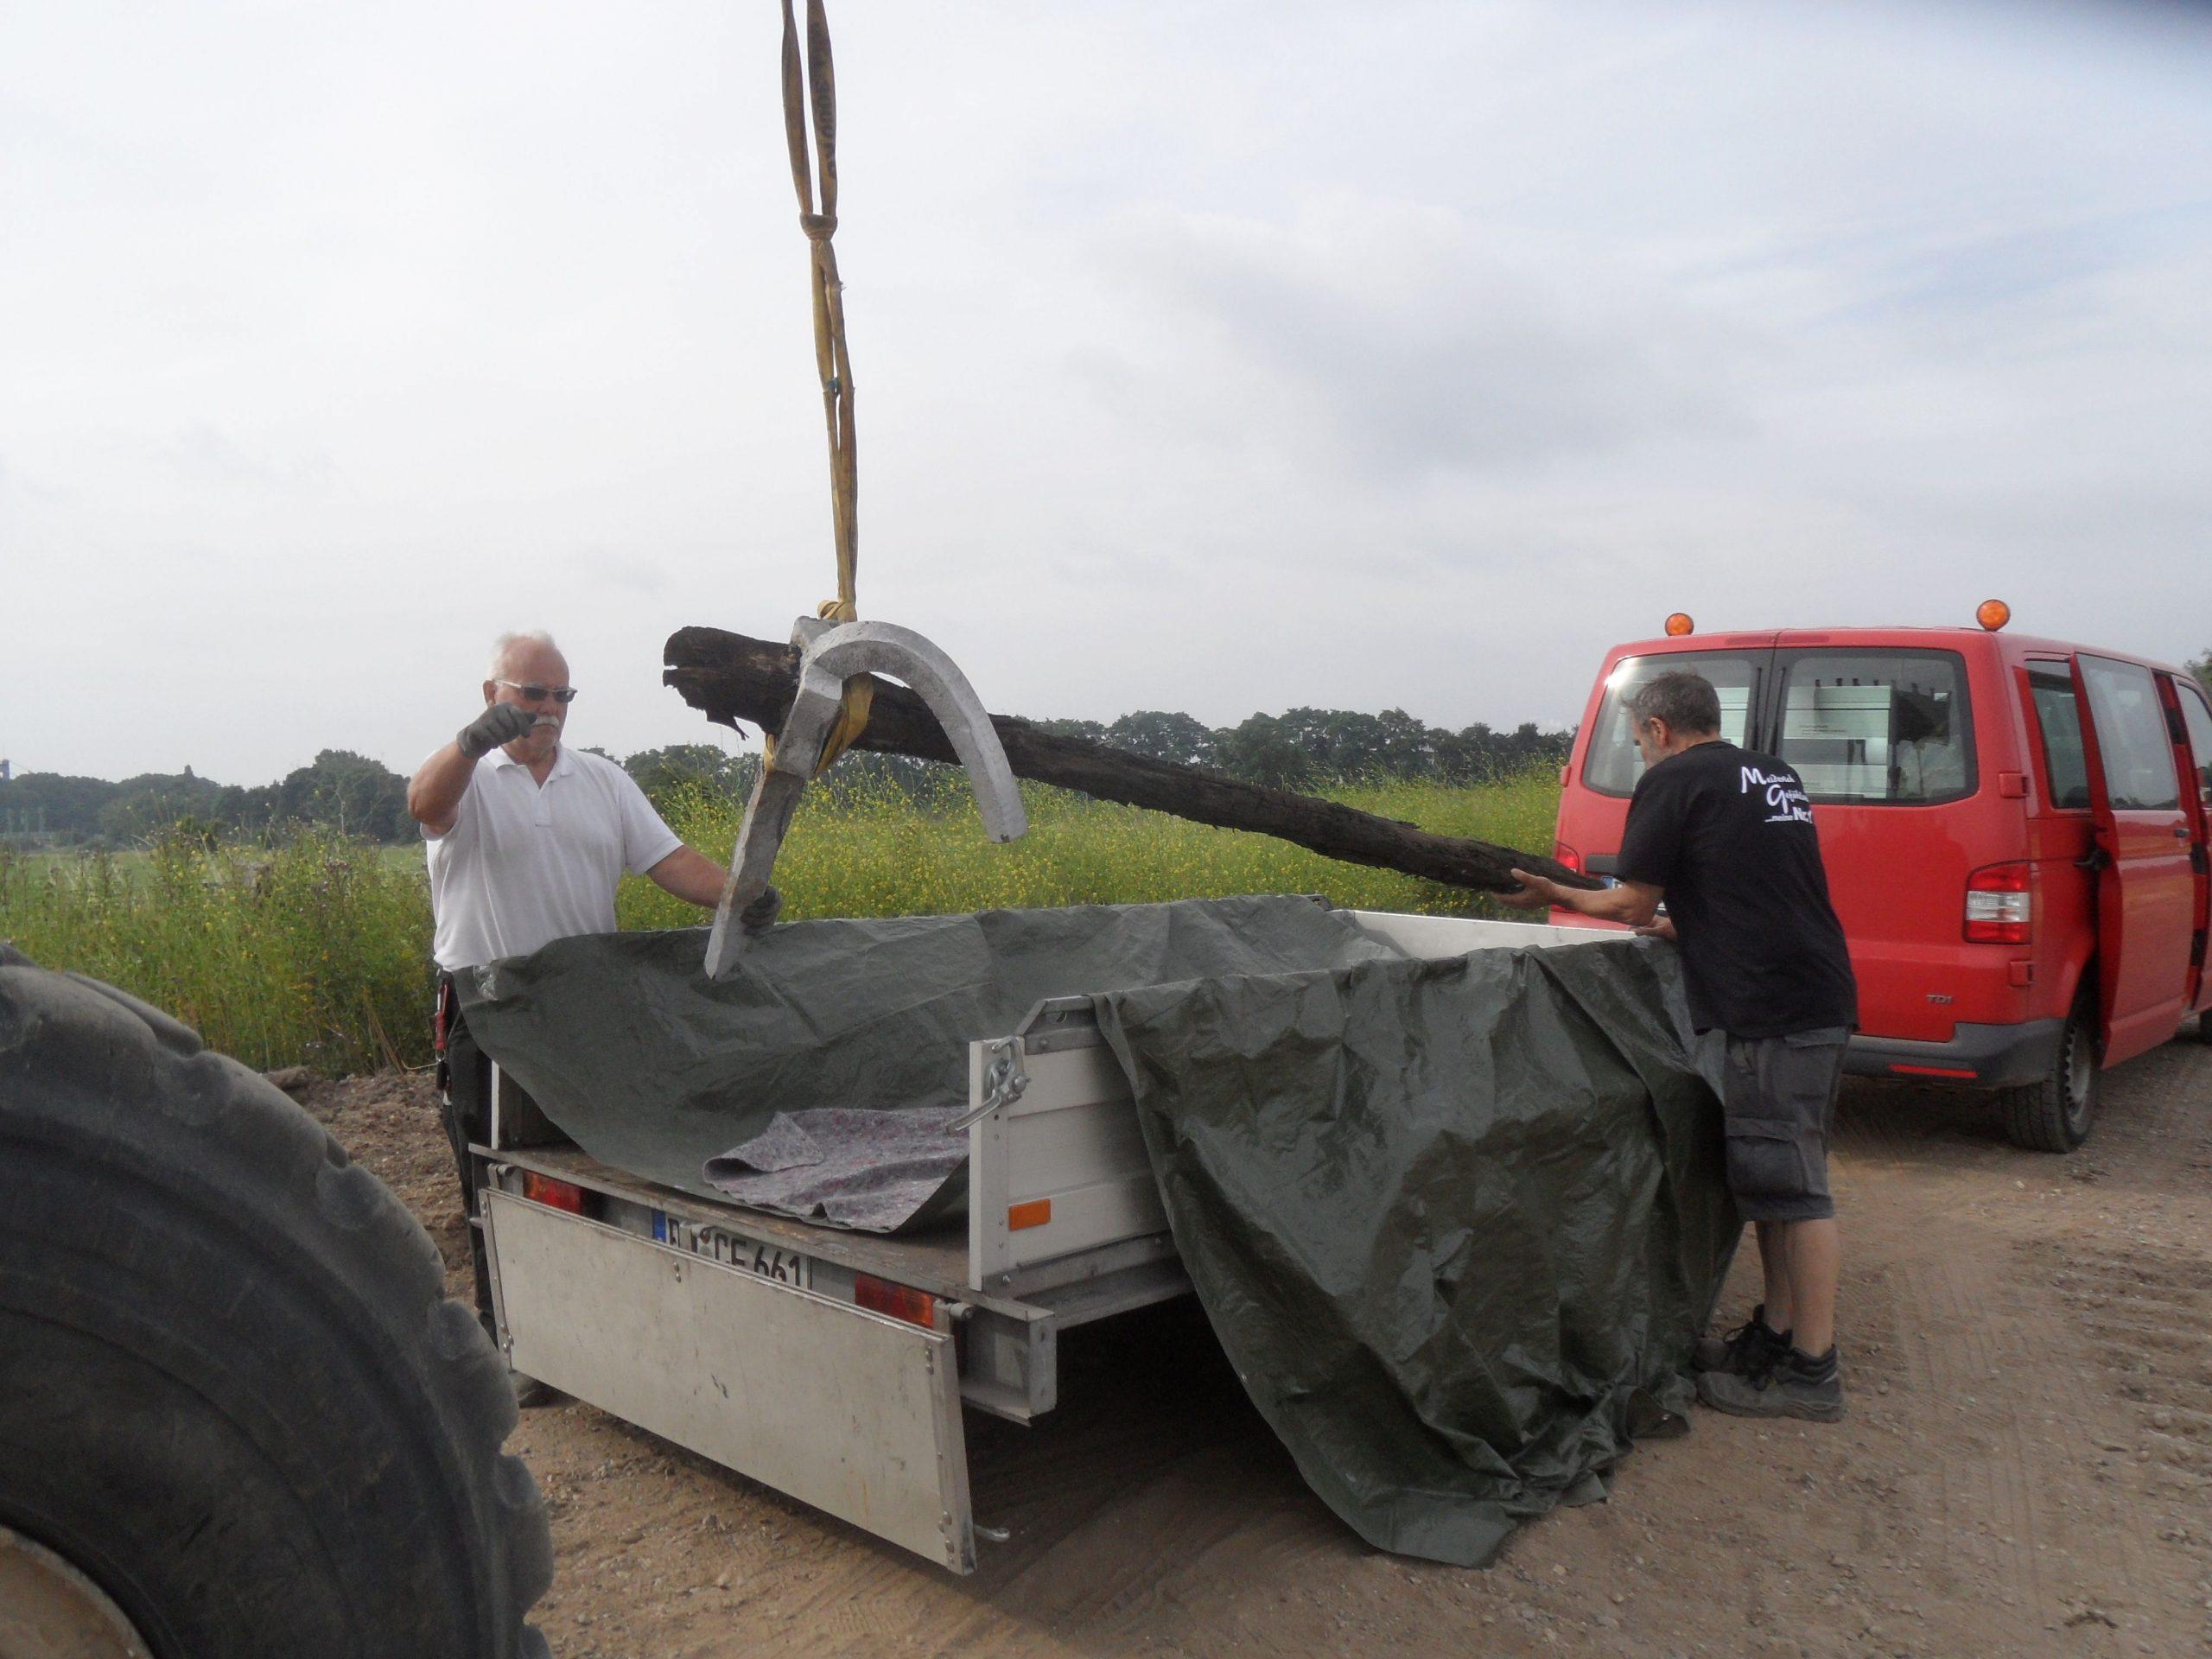 Der 1,36m lange Anker wird mit Hilfe eines Seitzuges auf einen Autoanhänger gehoben. Zwei Herren stehen dabei und überwachen das Ganze, einer von ihnen telefoniert und der andere stützt den Anker vorsichtig mit seinen Händen ab